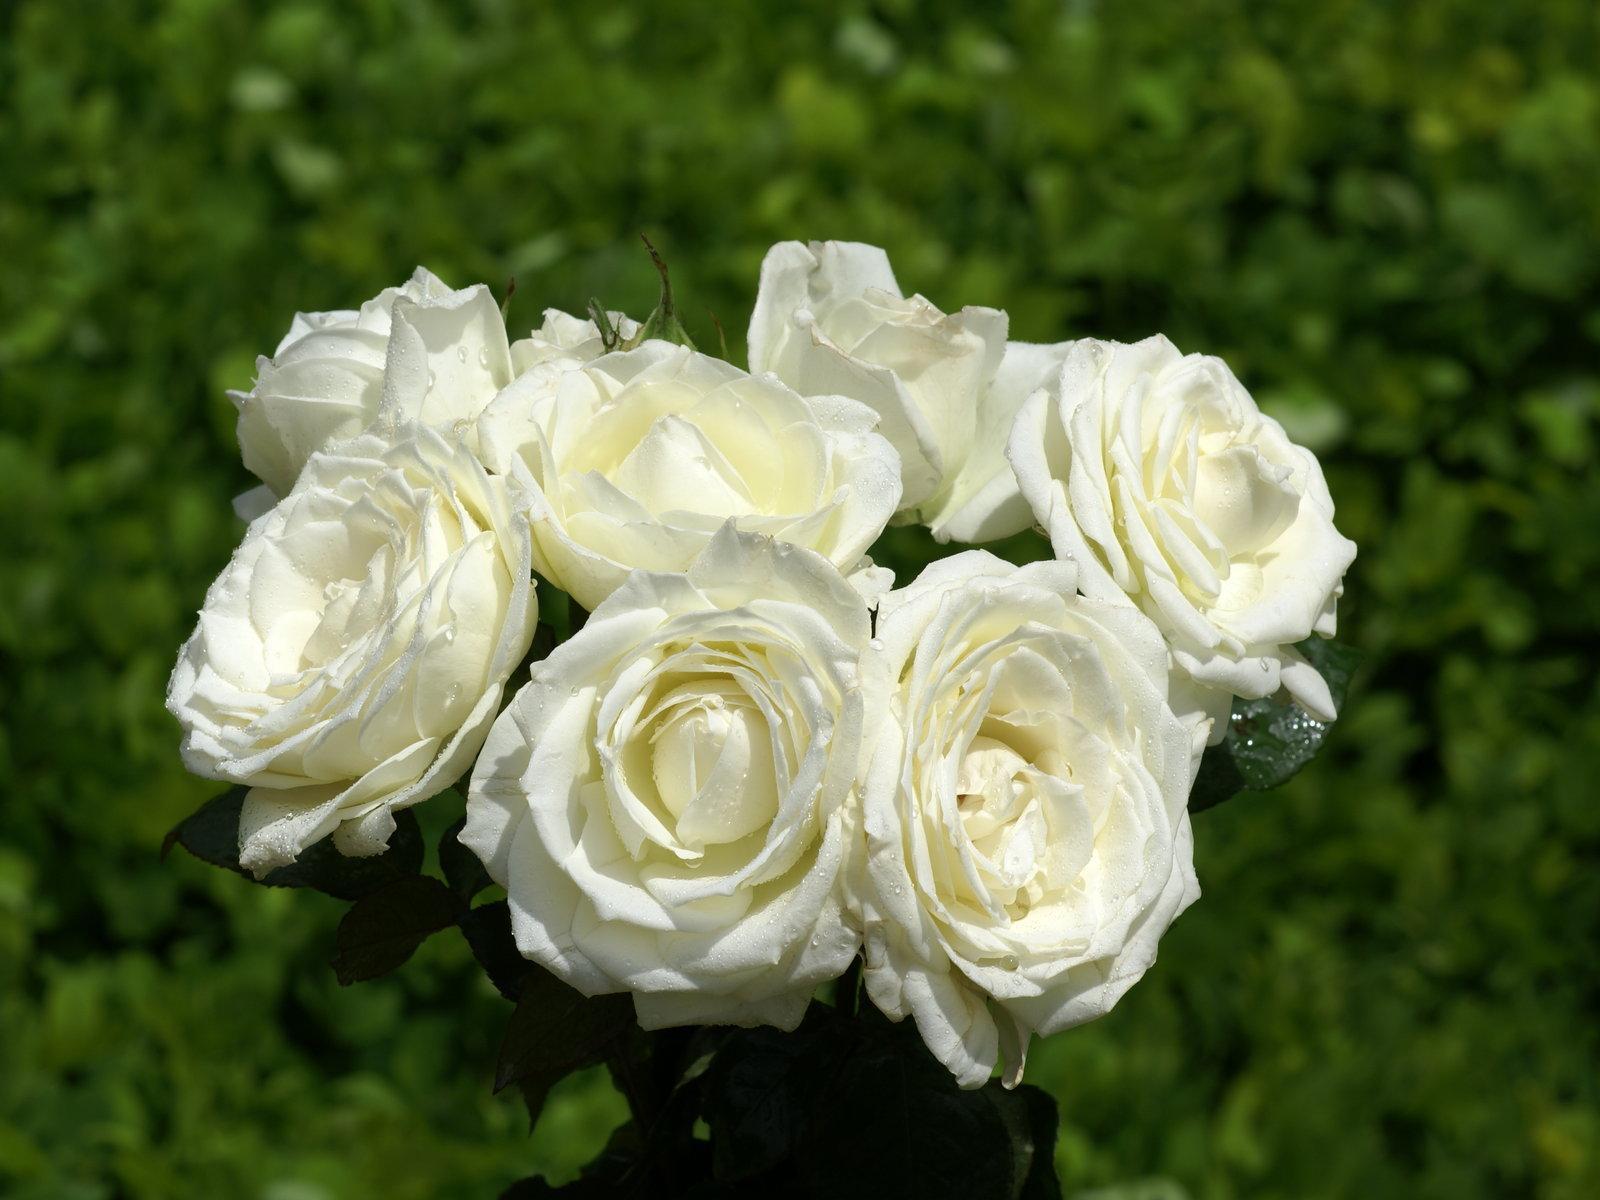 Las flores de tu boda: simbología y significado Innovias - Fotos De Ramos Flores Blancas